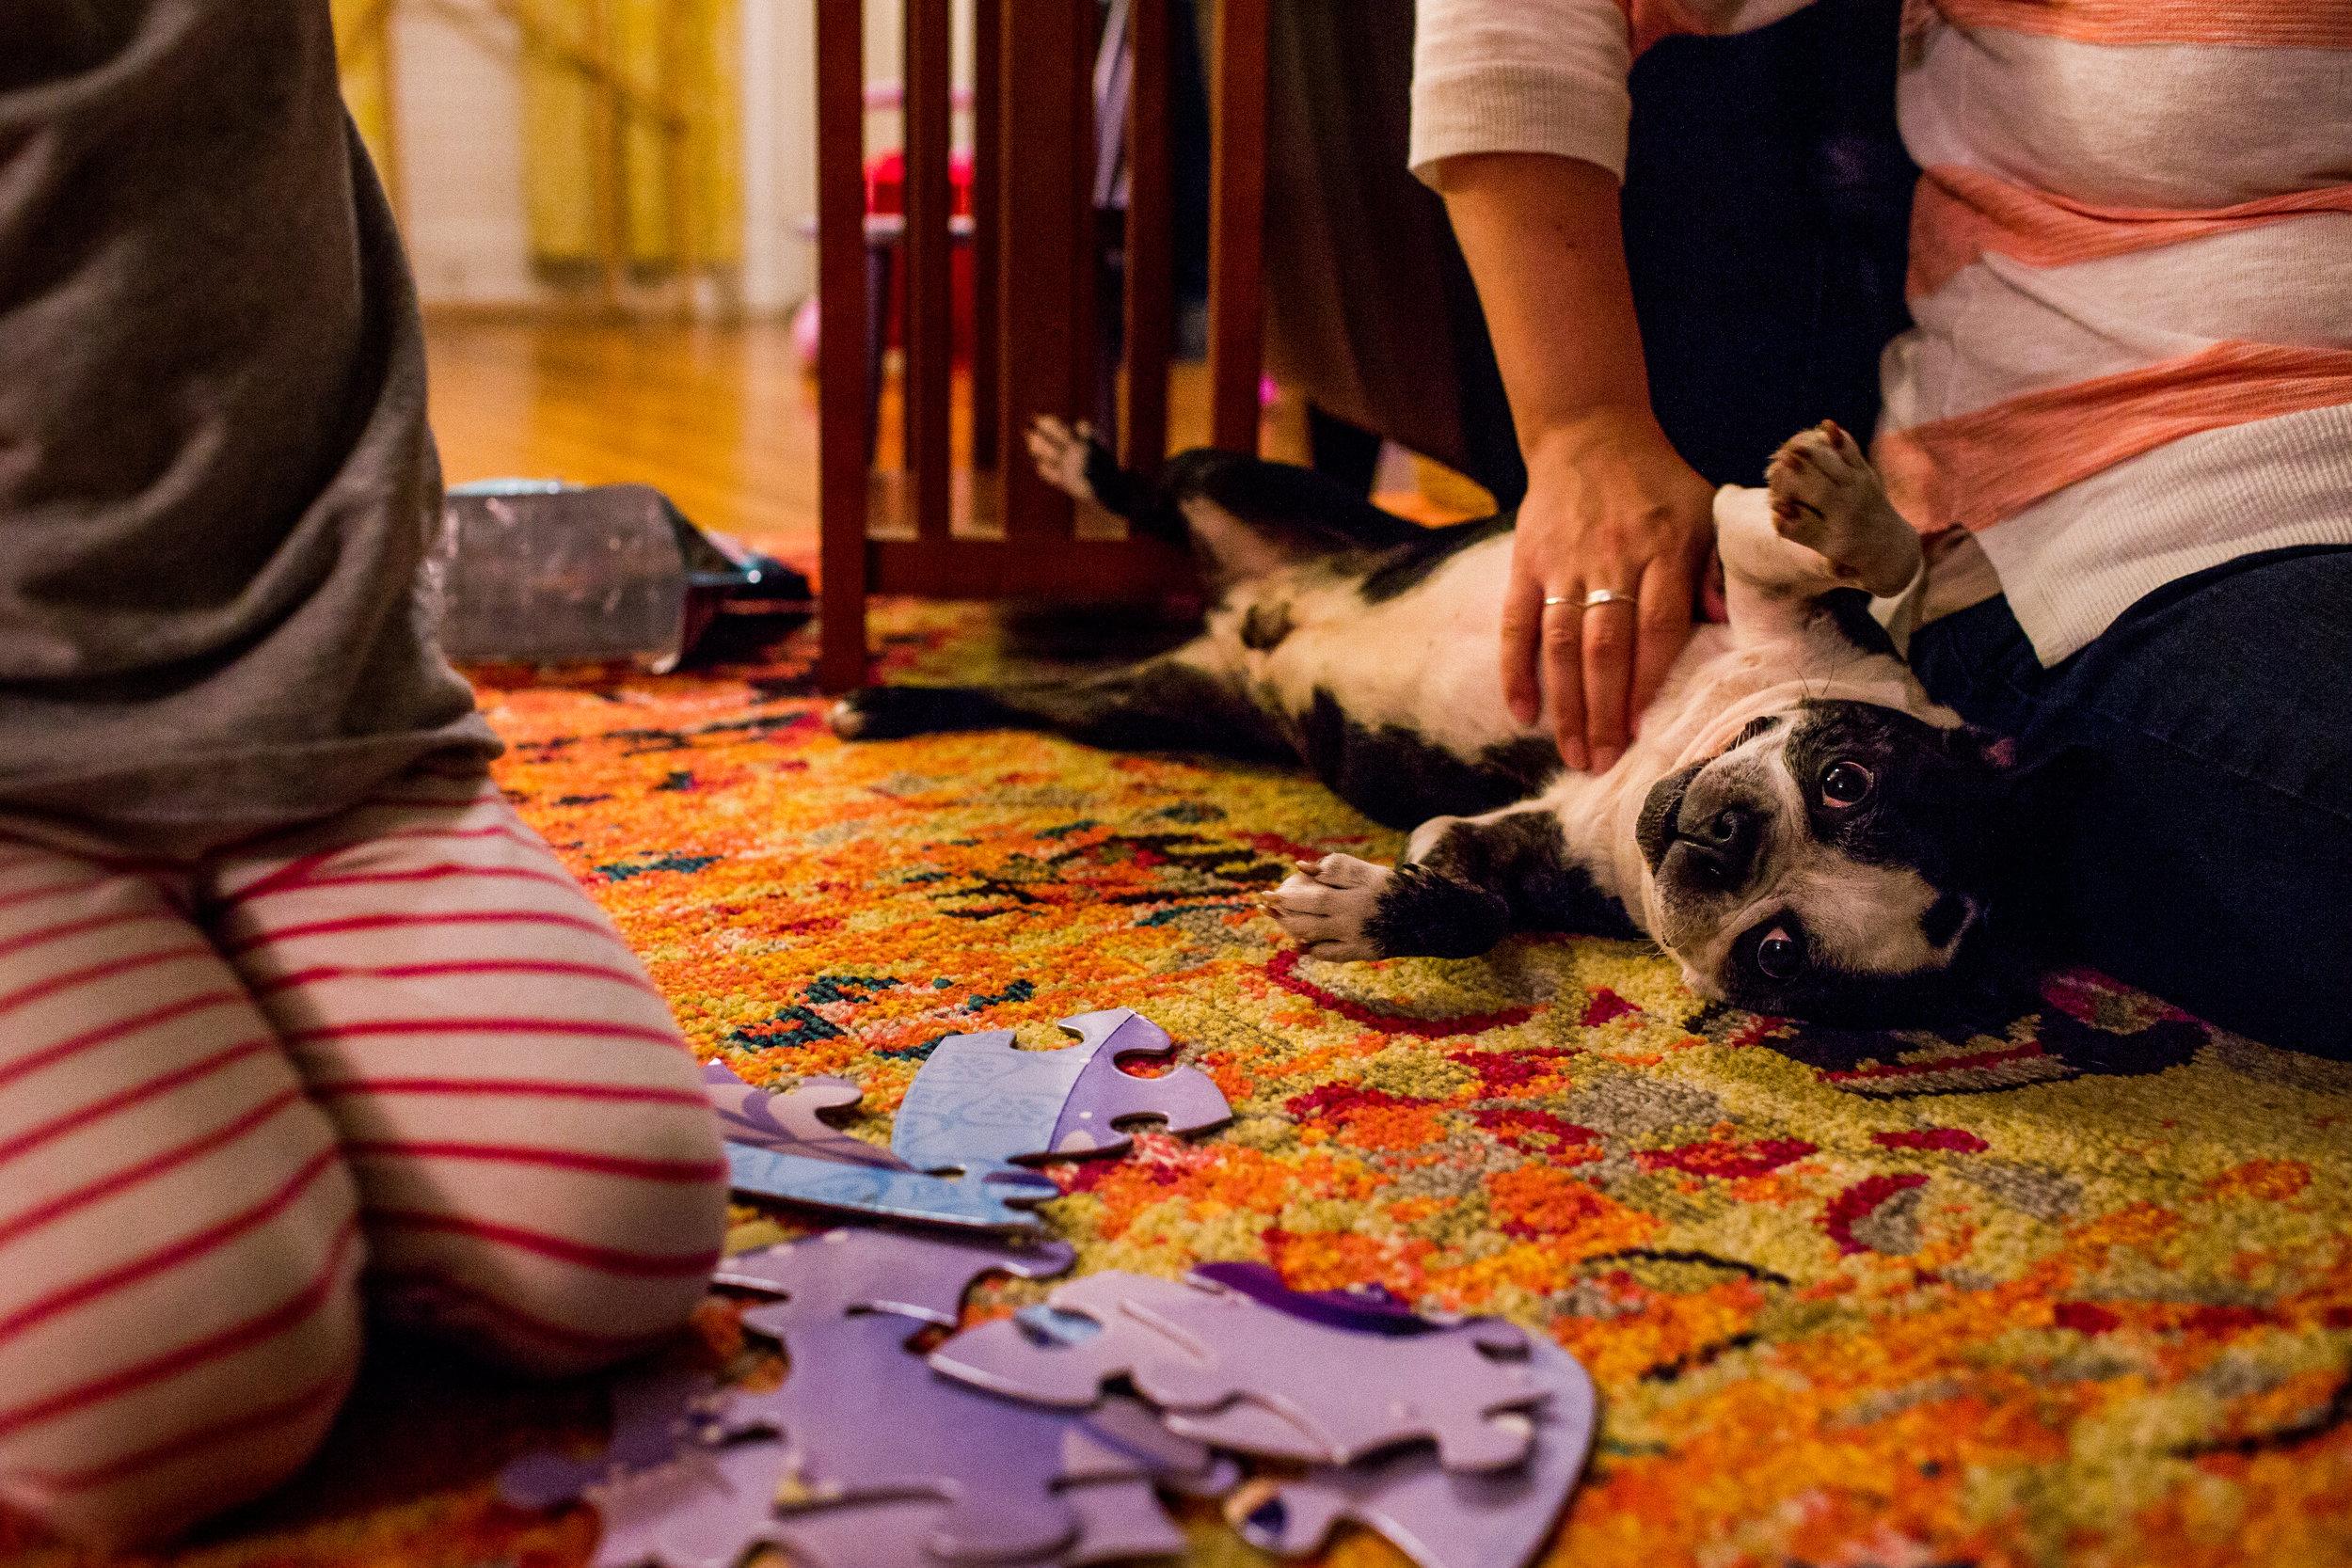 boston terrier getting a belly rub